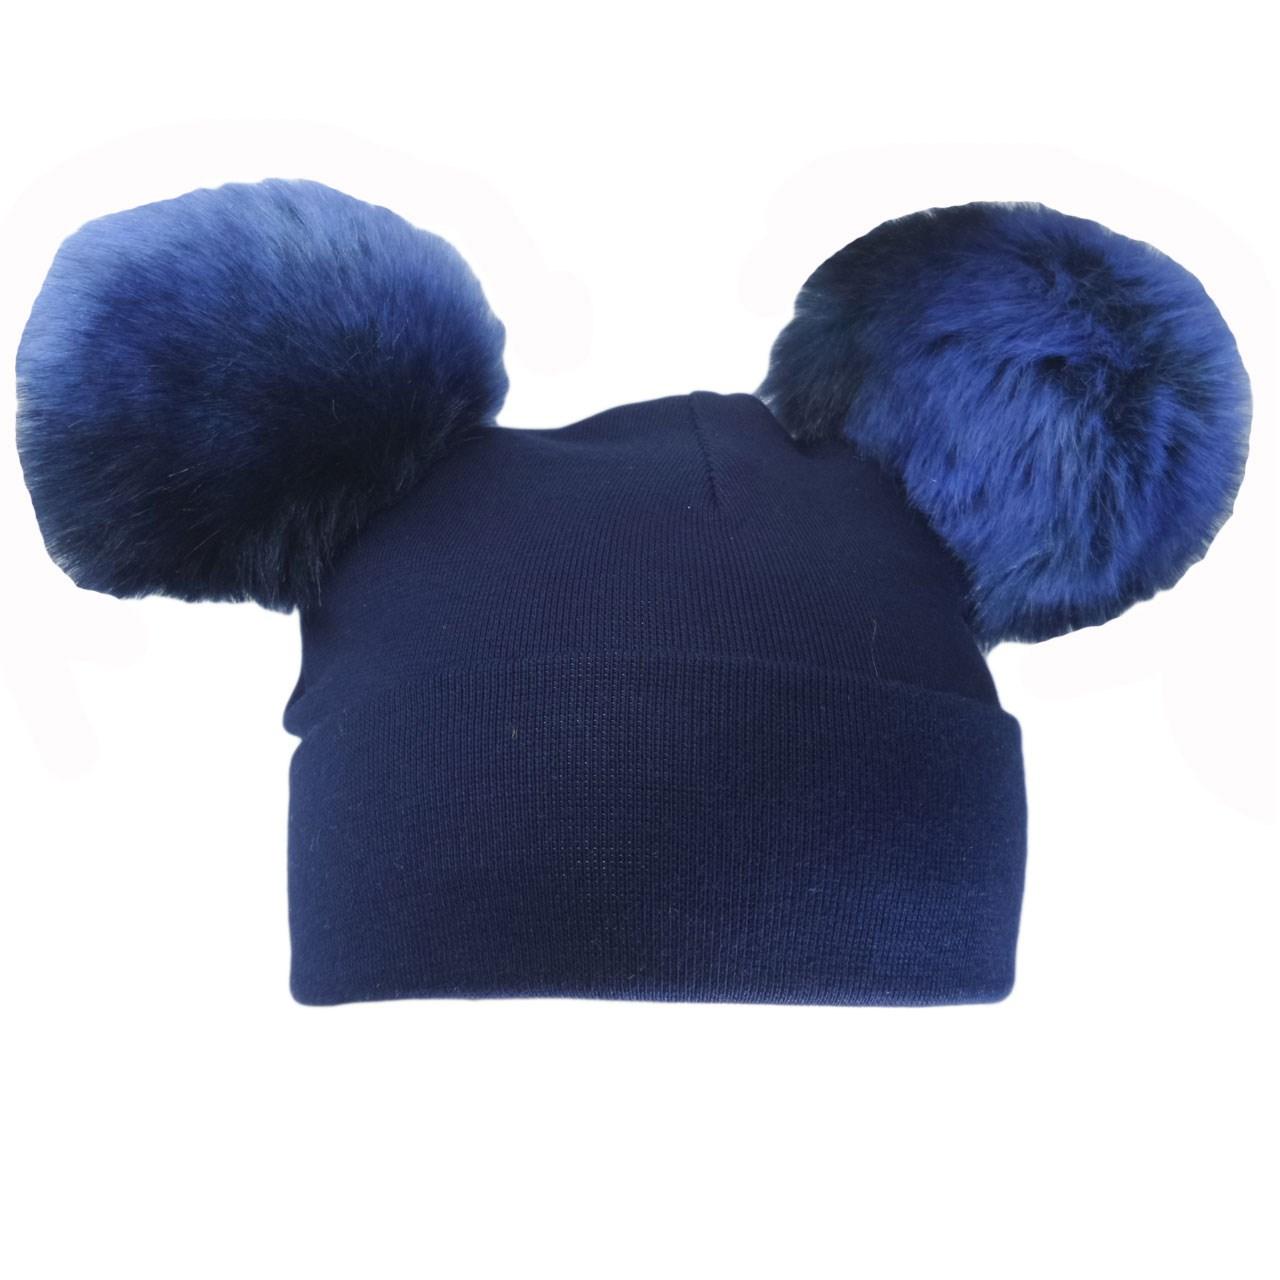 کلاه استرج کودک مدل پوم پوم دار سرمه ای